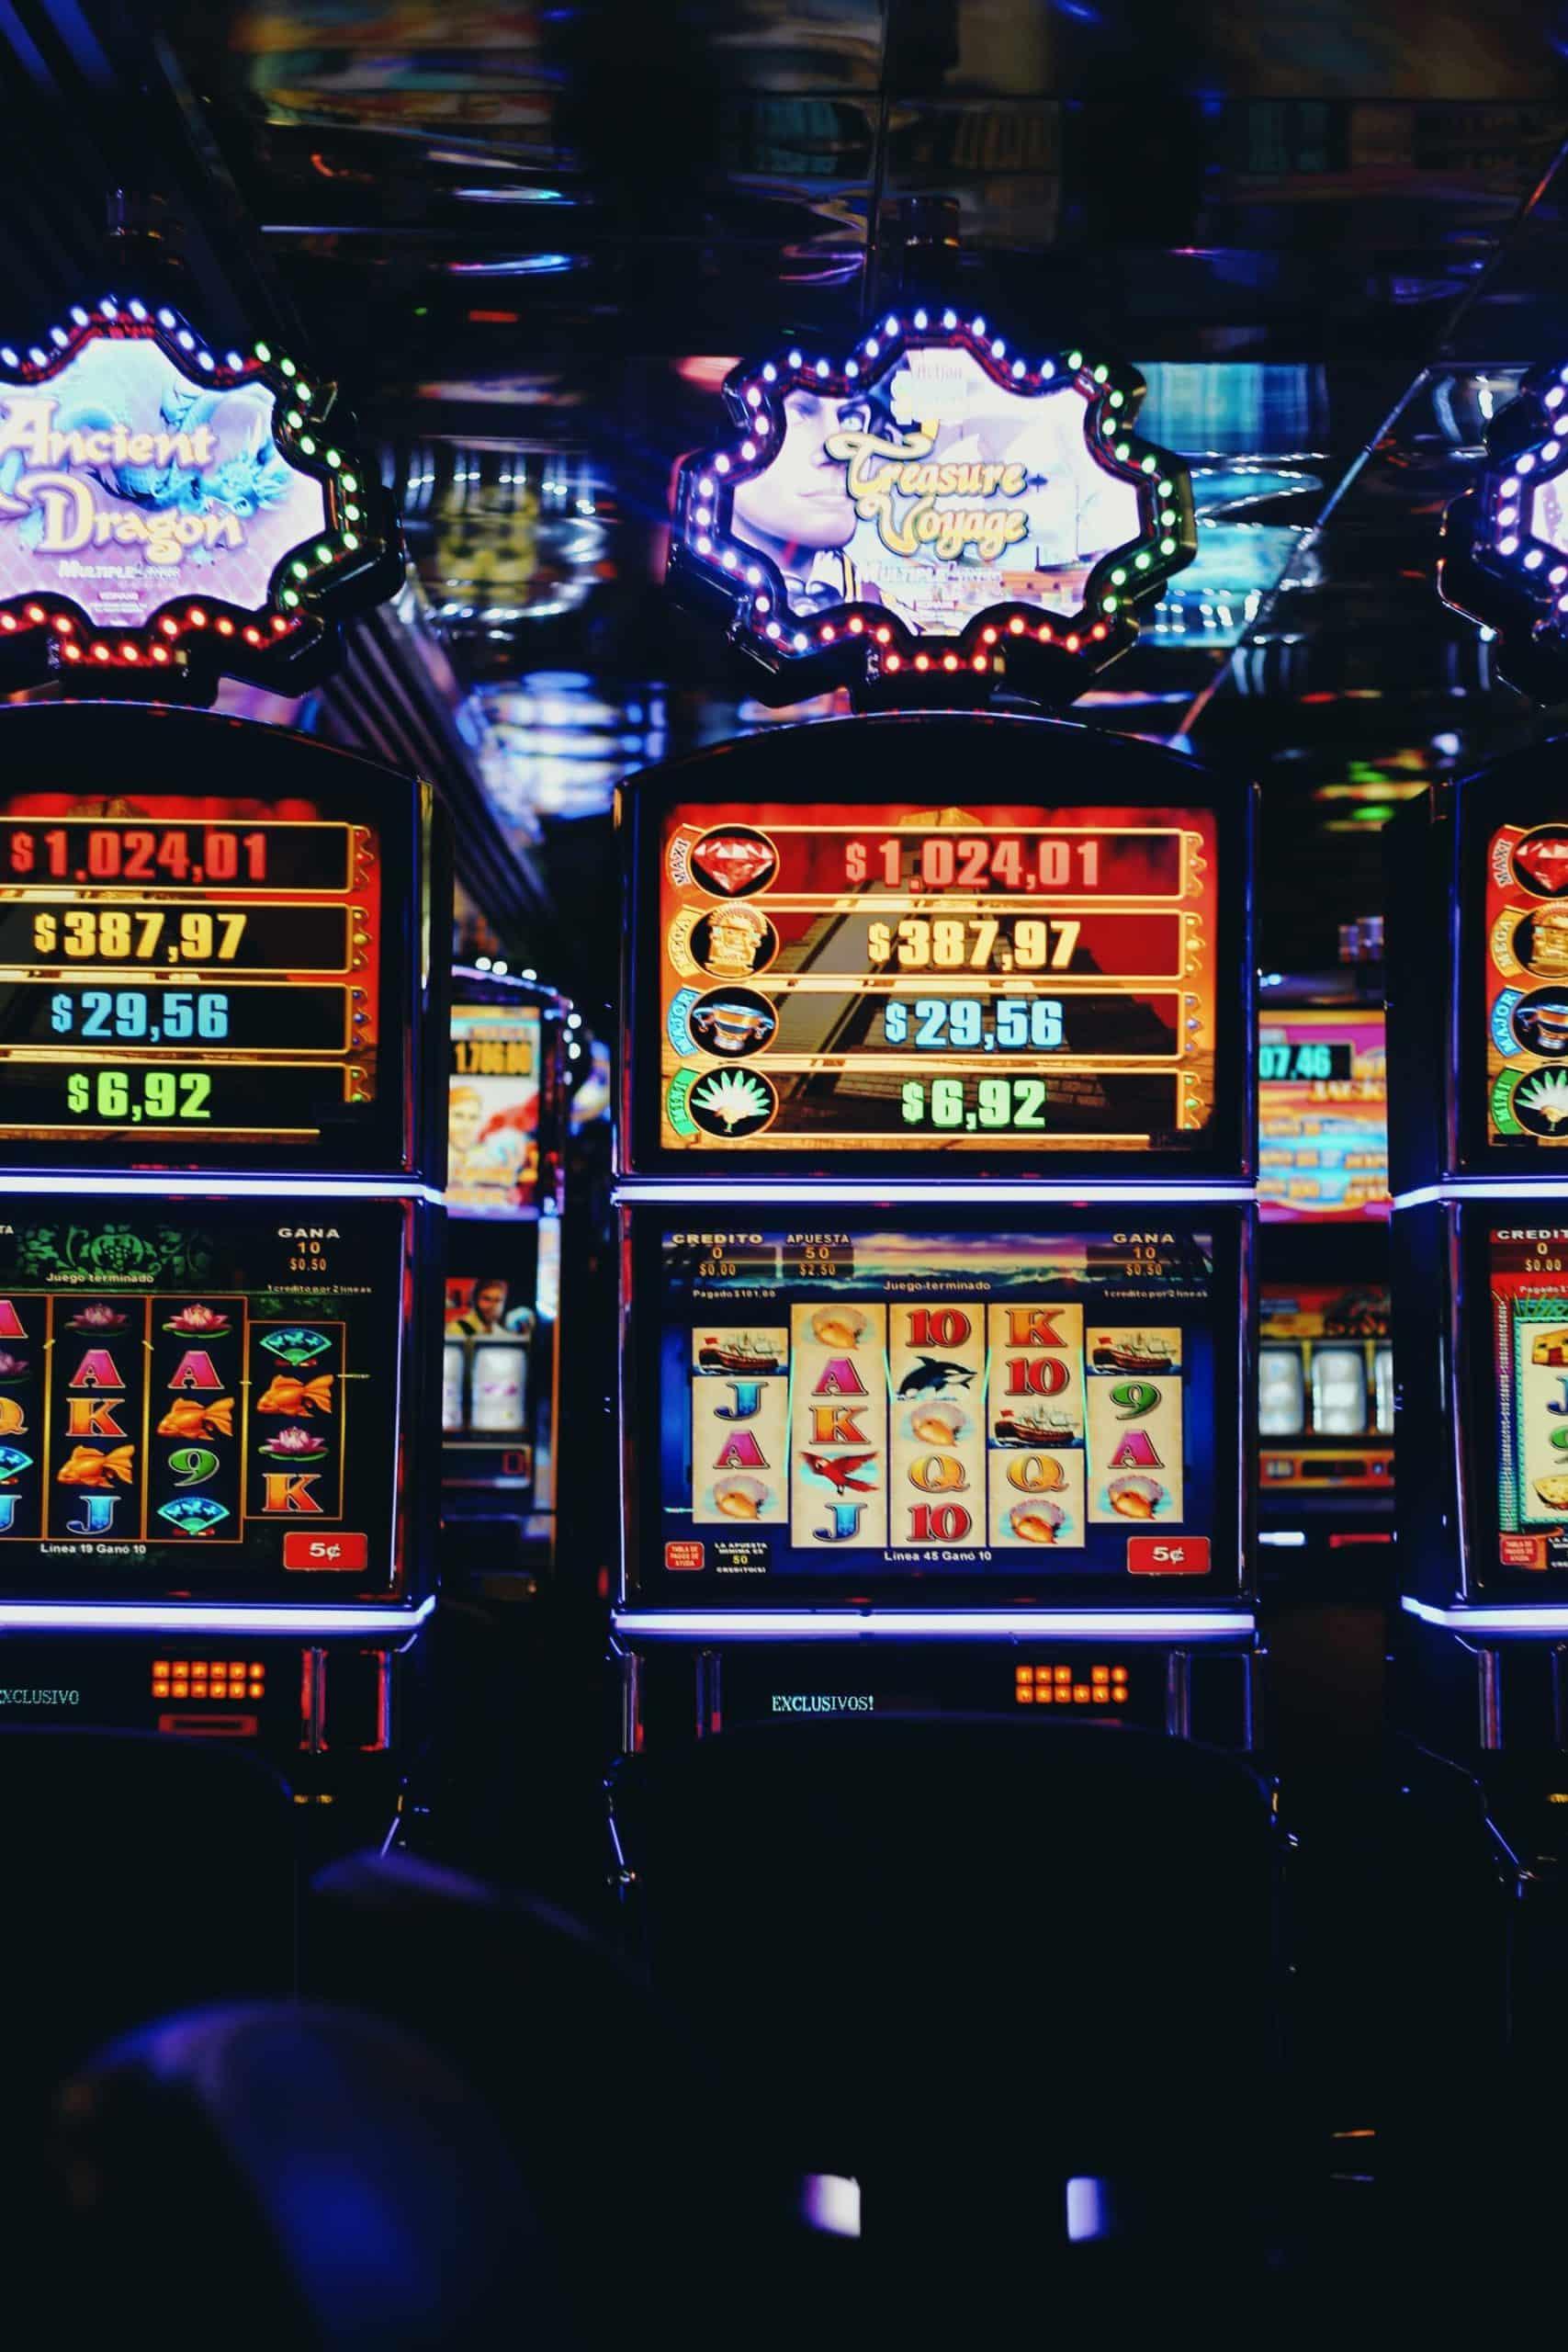 Jackpot Slots Explained Article Image